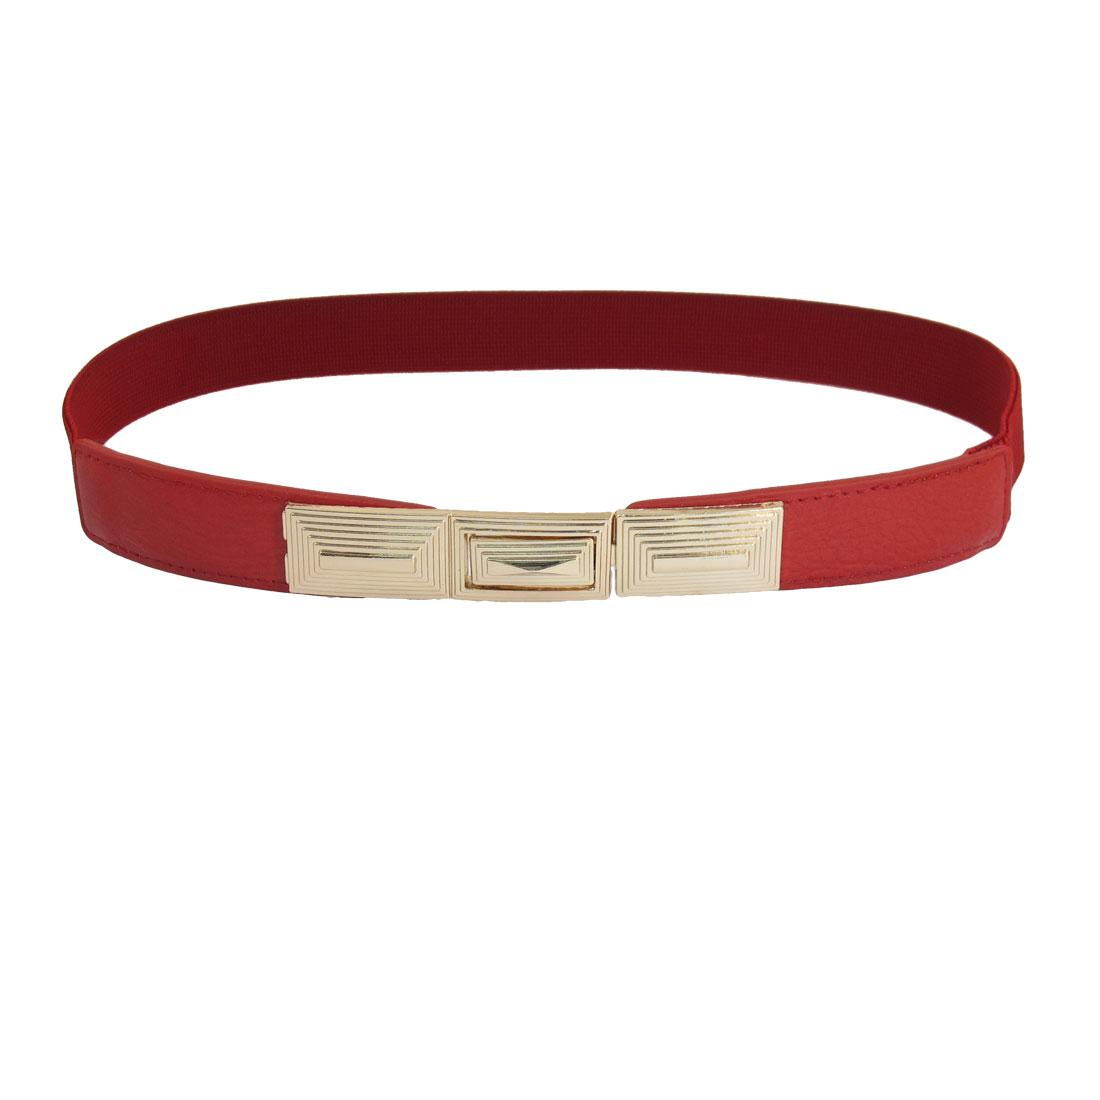 Tierd Stripes Metal Interlocking Buckle Elastic Waist Belt Red for Ladies